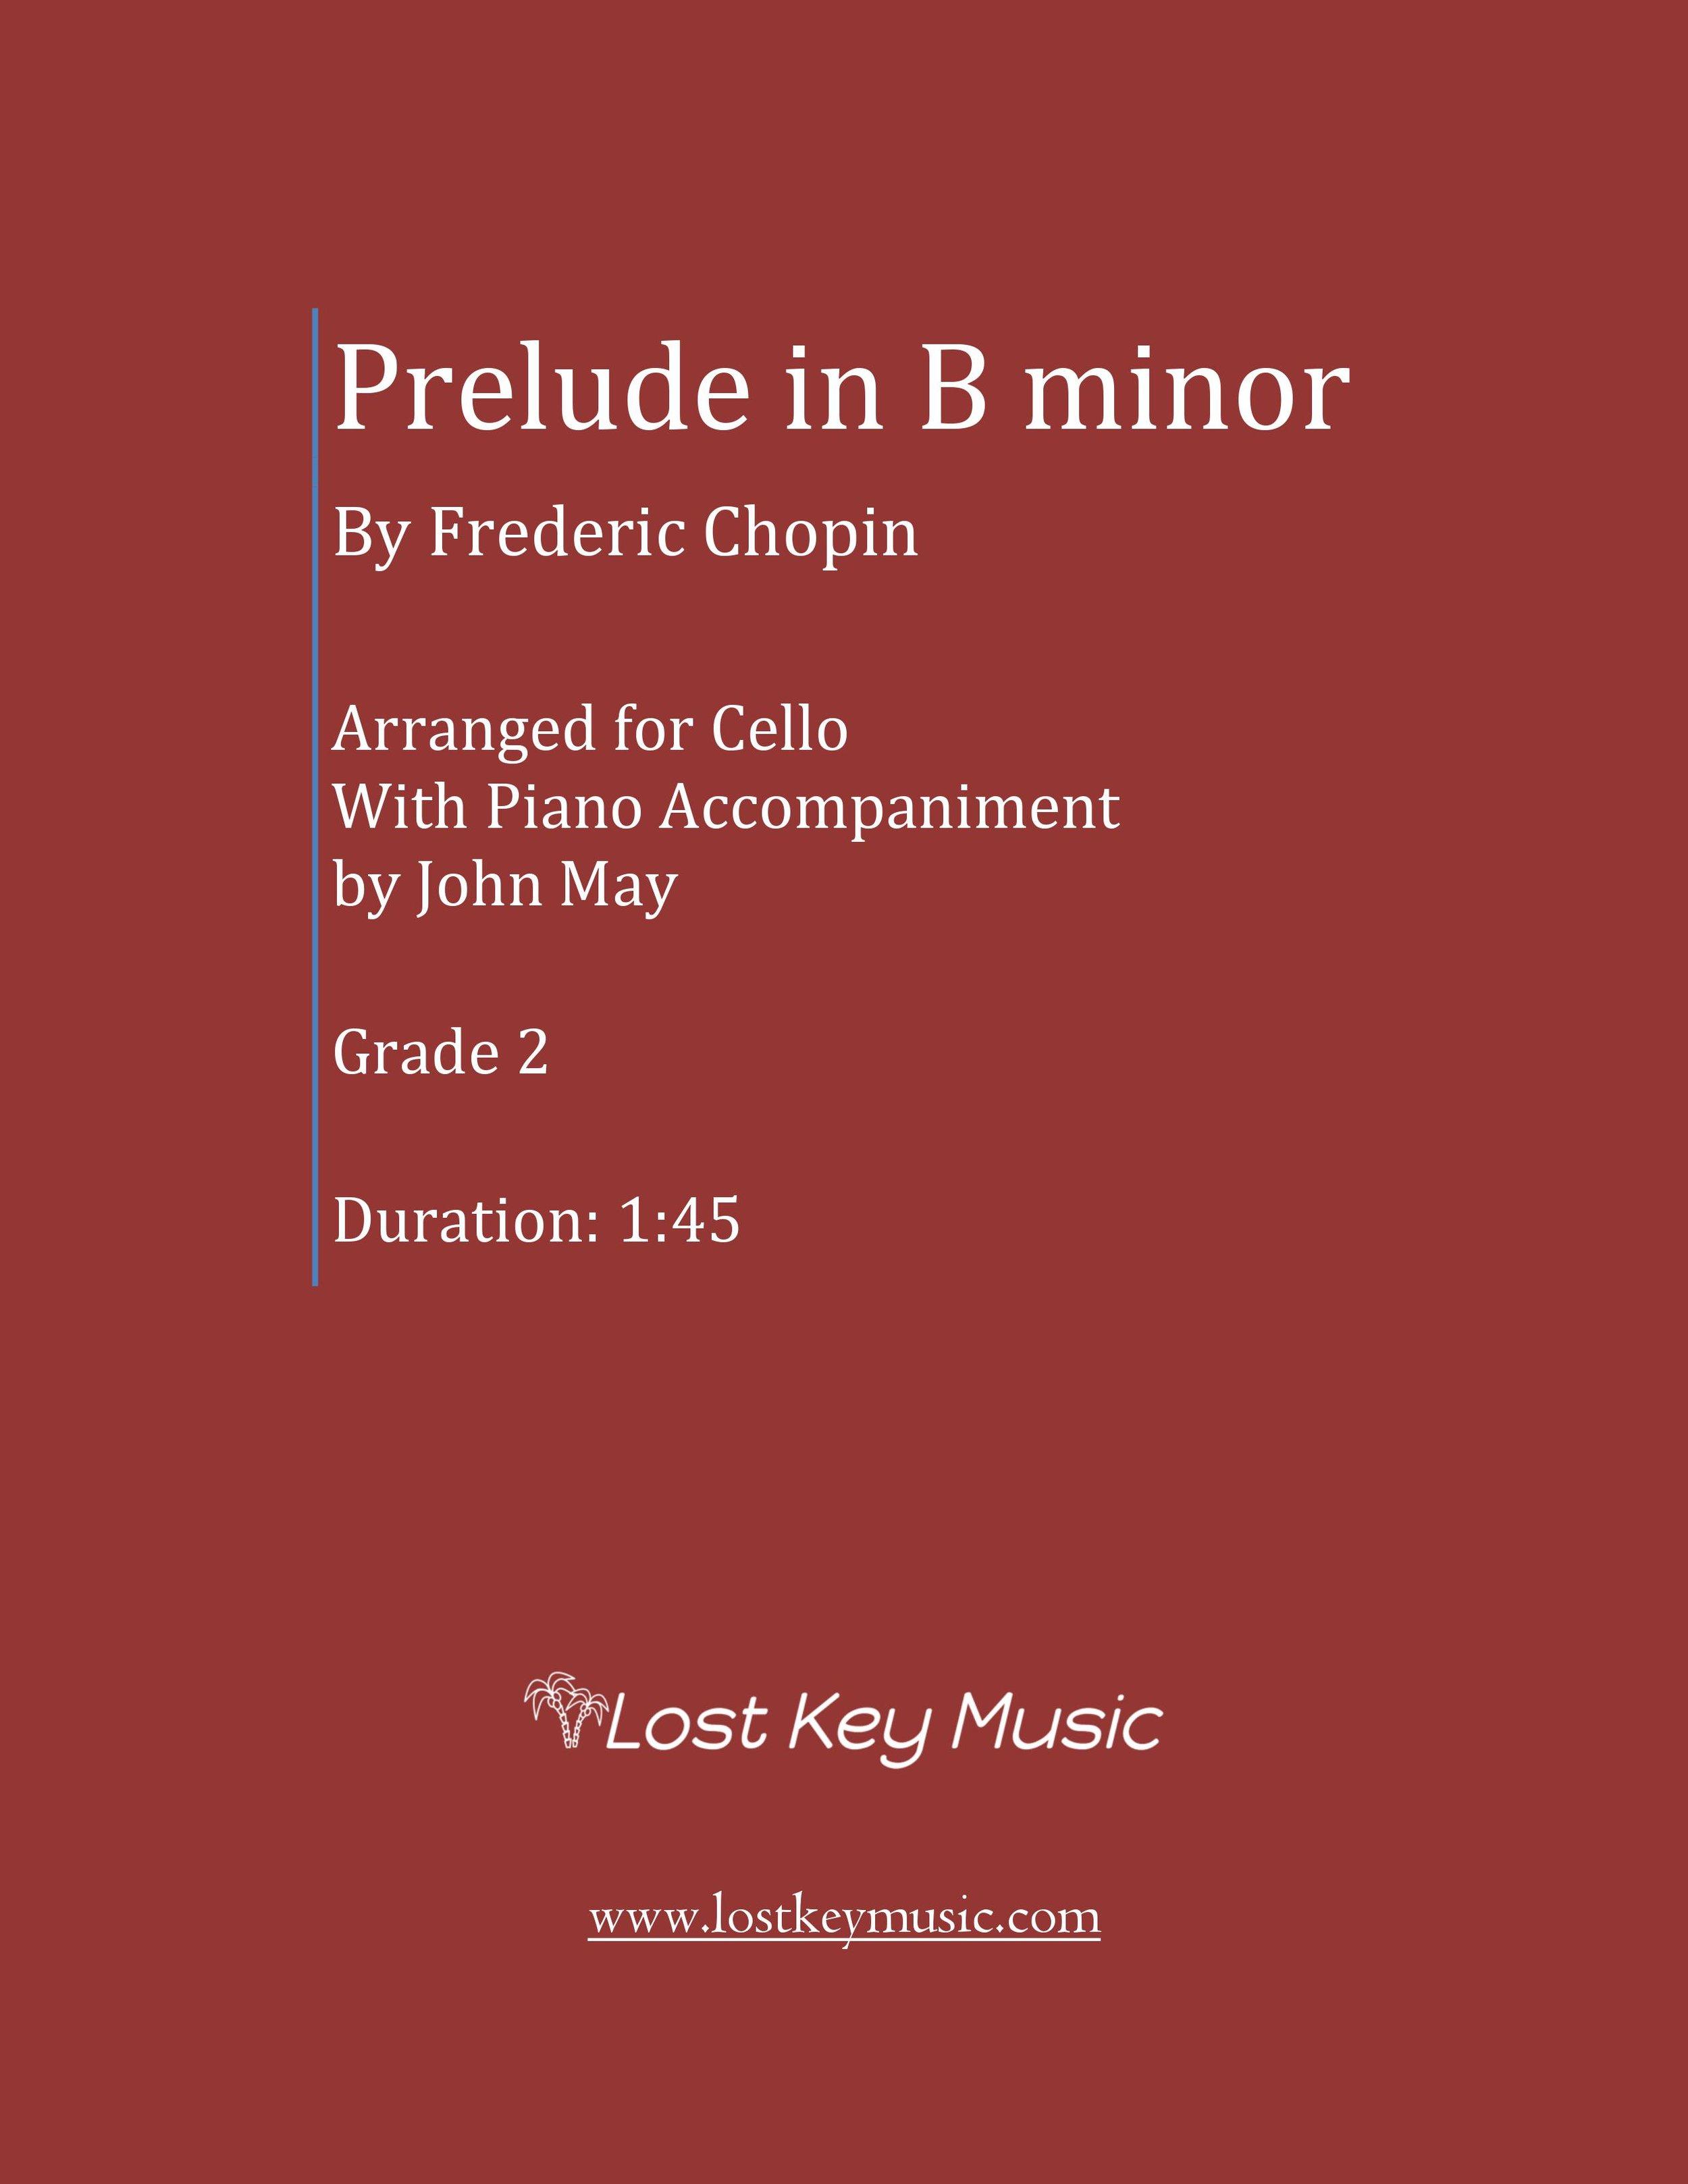 Prelude in B minor-Cello Solo with Piano Accompaniment (Shipped)